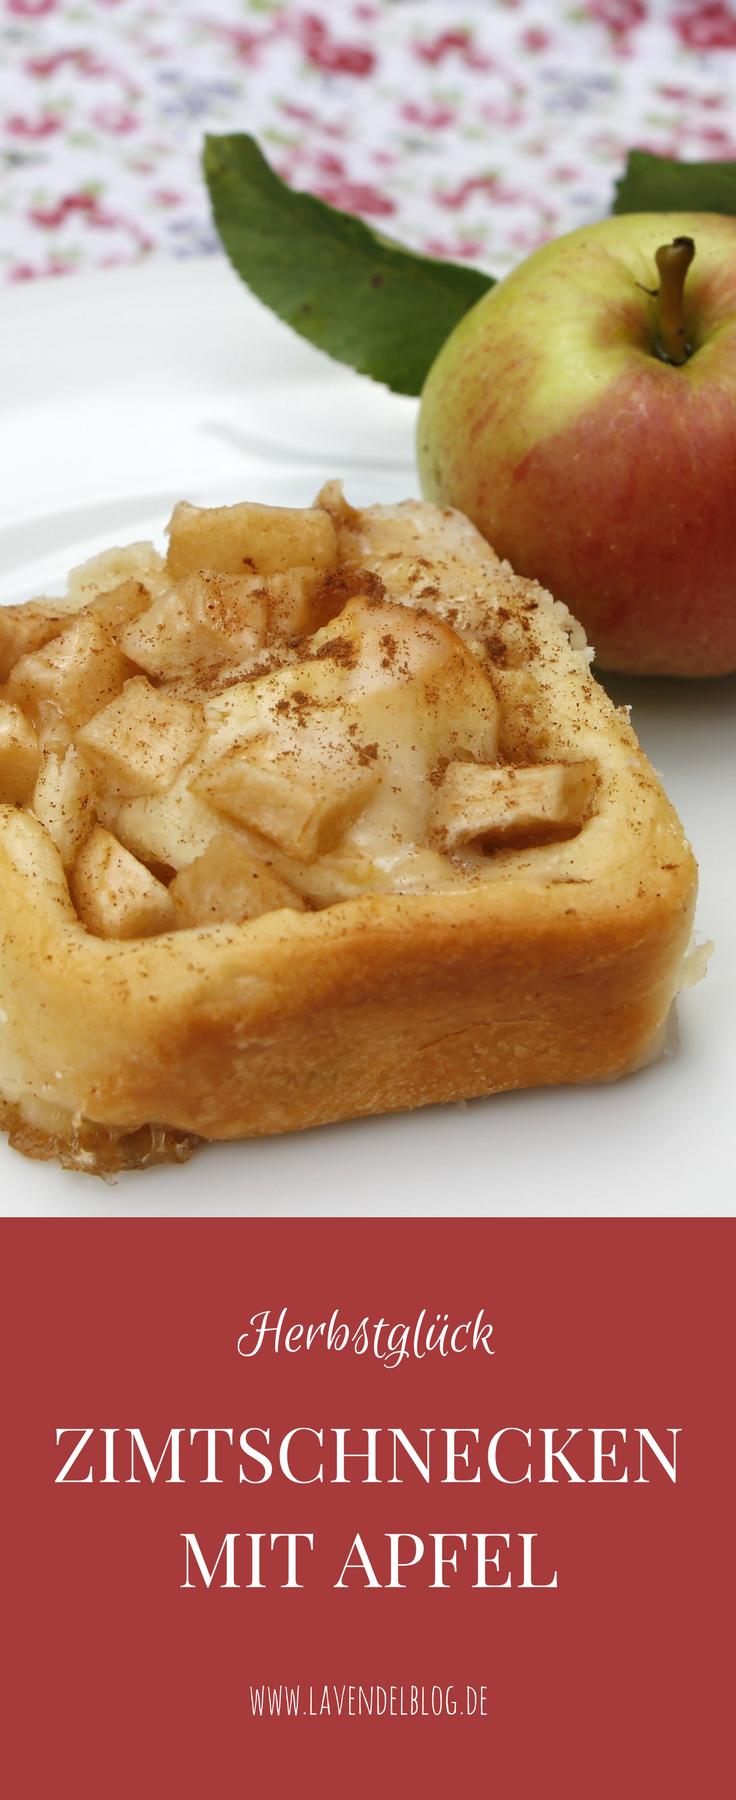 Caf royal und apfel zimt schnecken im garten kuchen for Kuchen dietz fritzlar